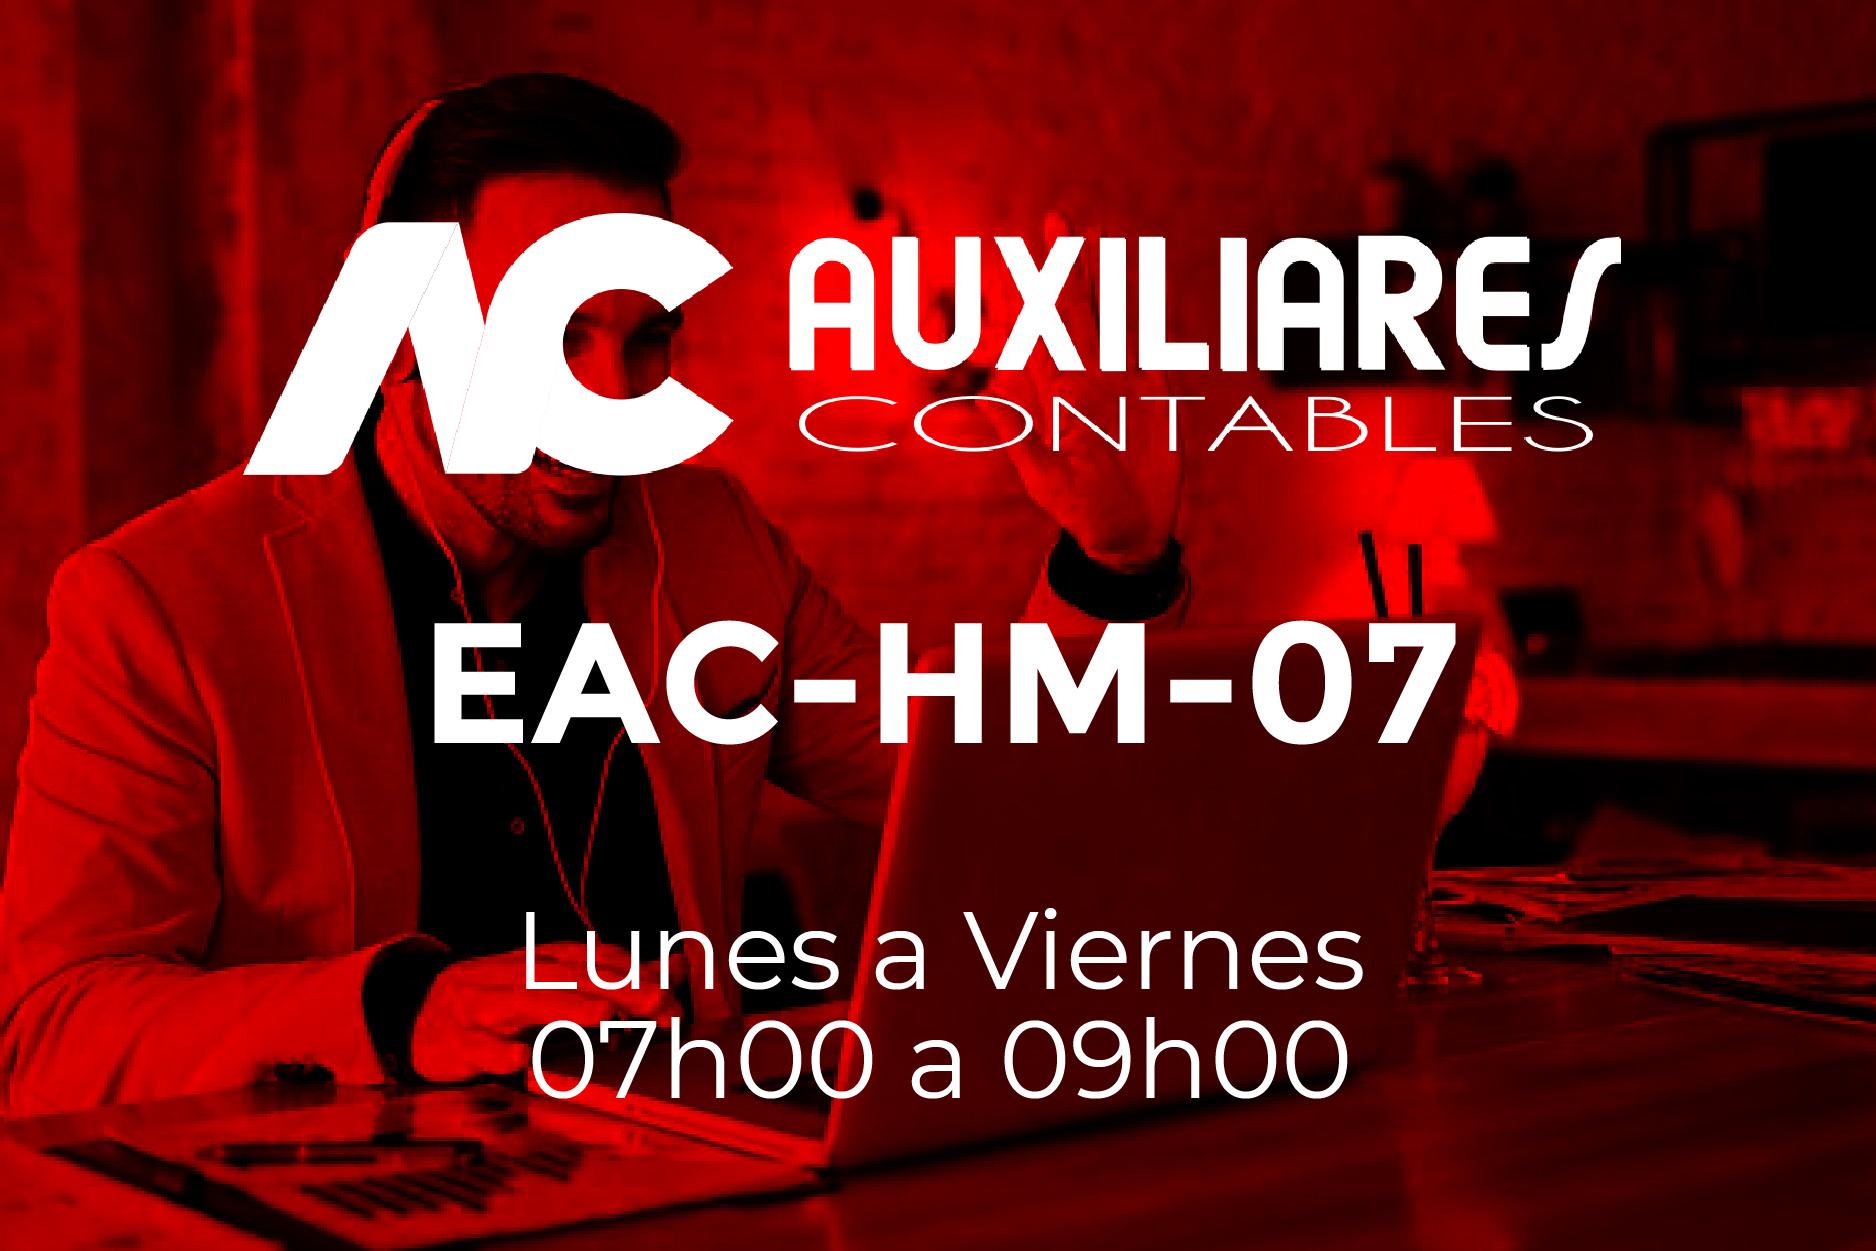 7 - AUXILIARES CONTABLES - LUNES A VIERNES - 07:00 A 09:00